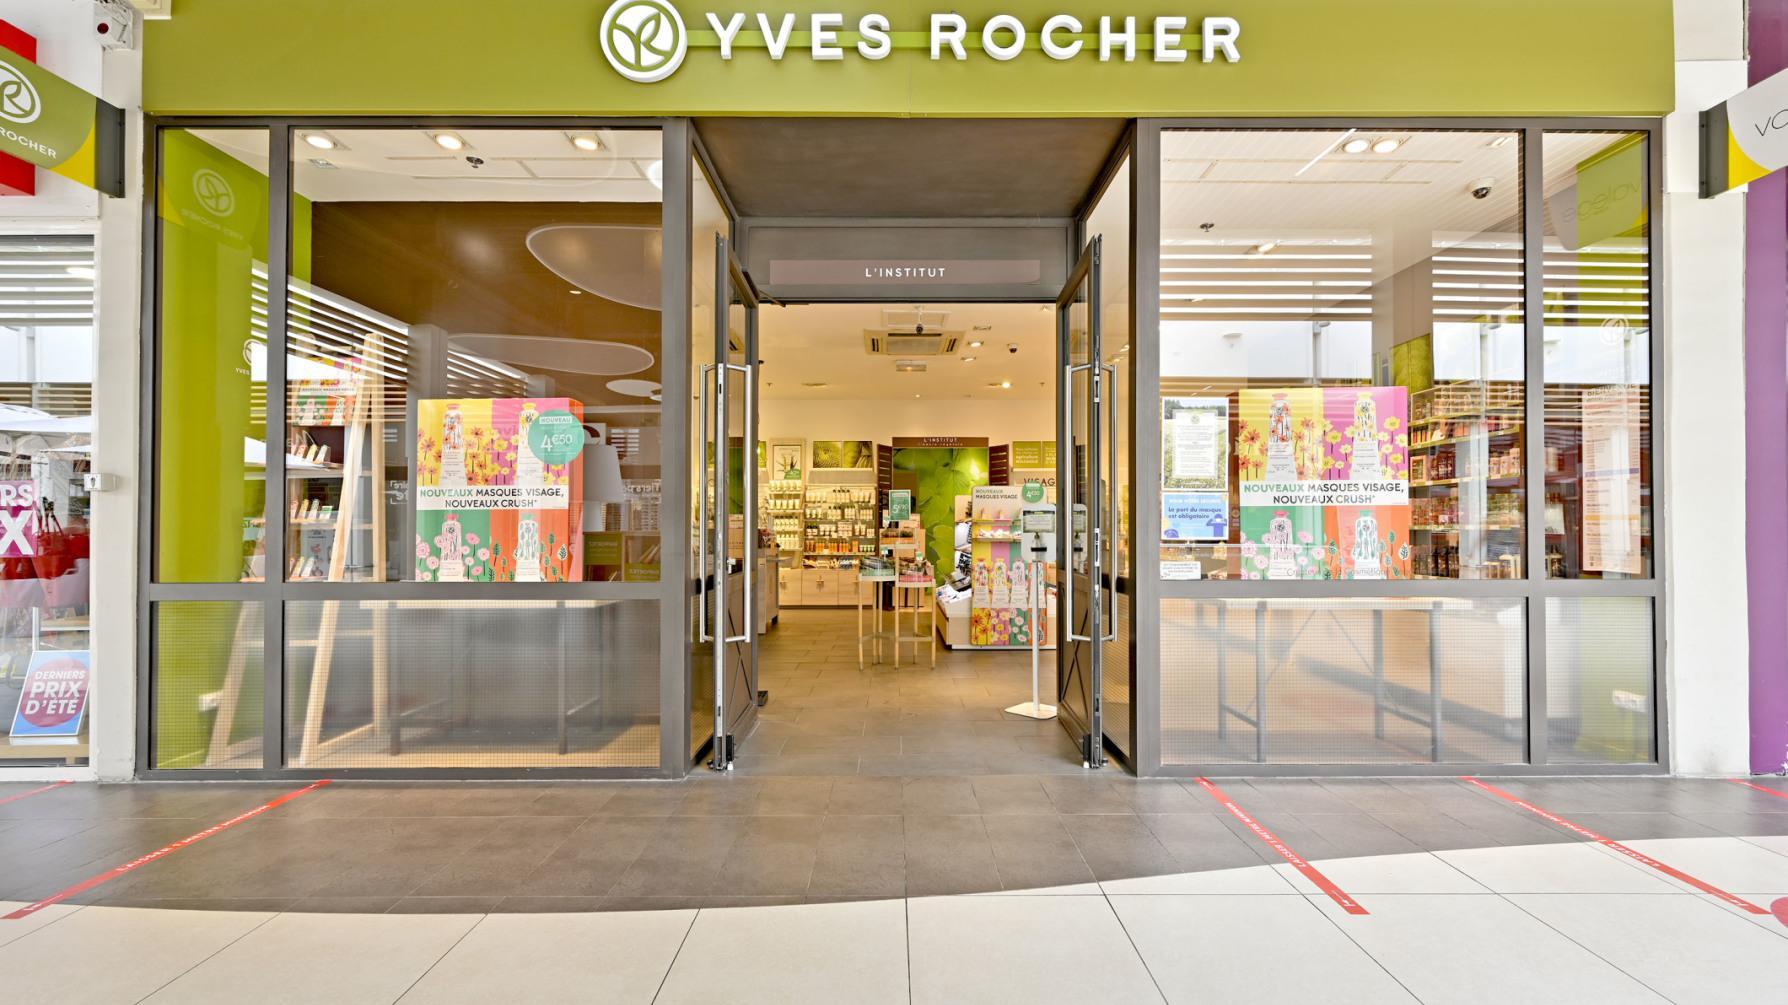 Yves Rocher Saint Jean De Védas